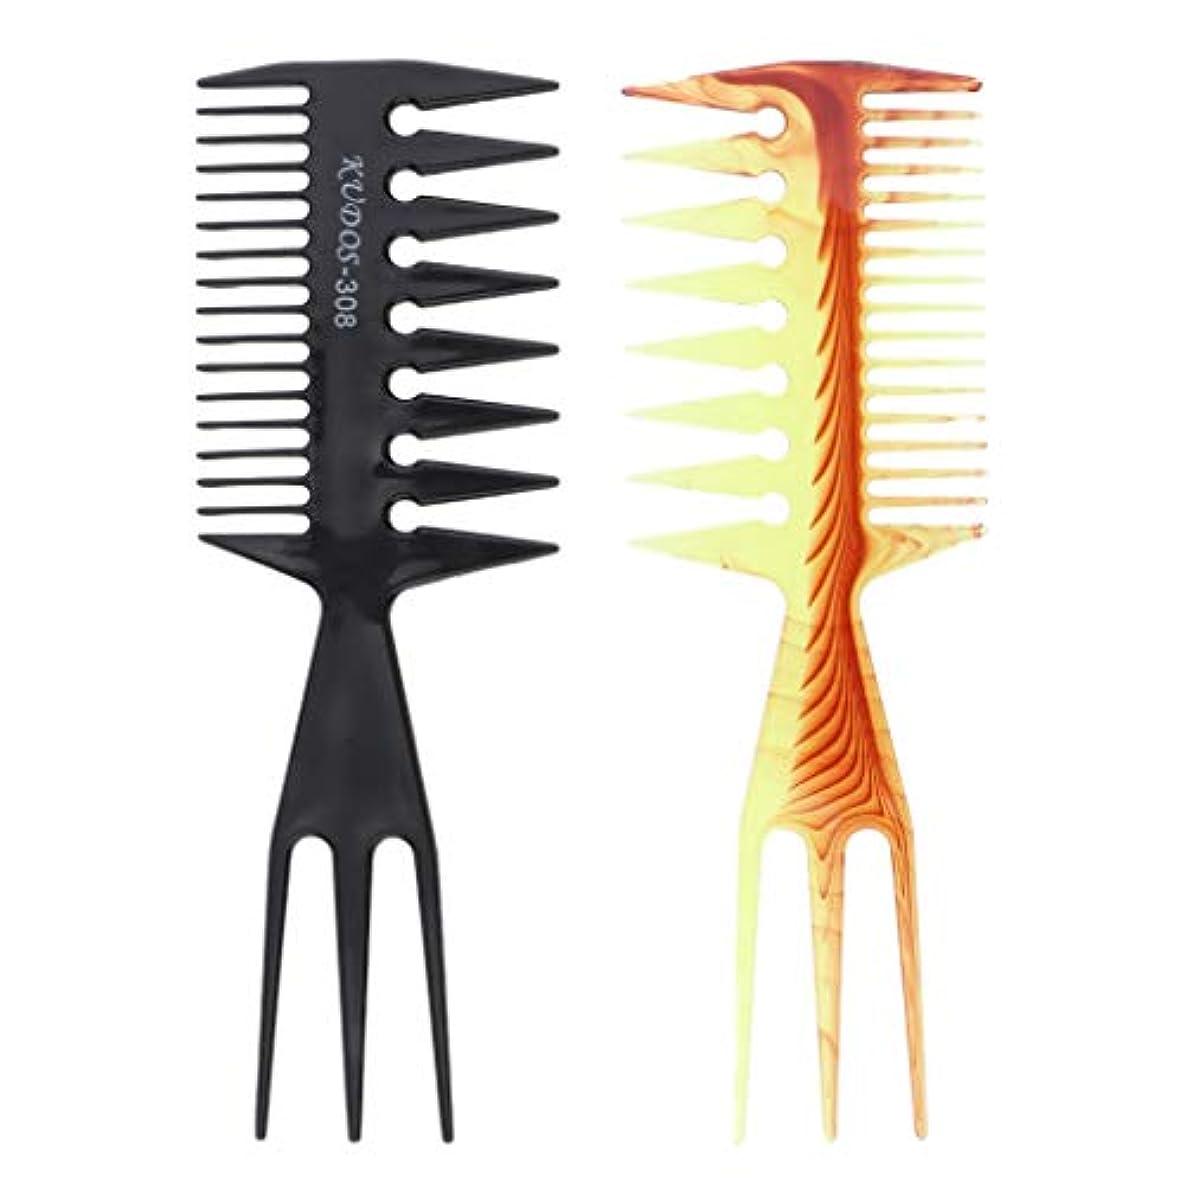 所持雷雨ホステルへアカラーセット ヘアダイブラシ DIY髪染め用 サロン 美髪師用 ヘアカラーの用具 2個セット